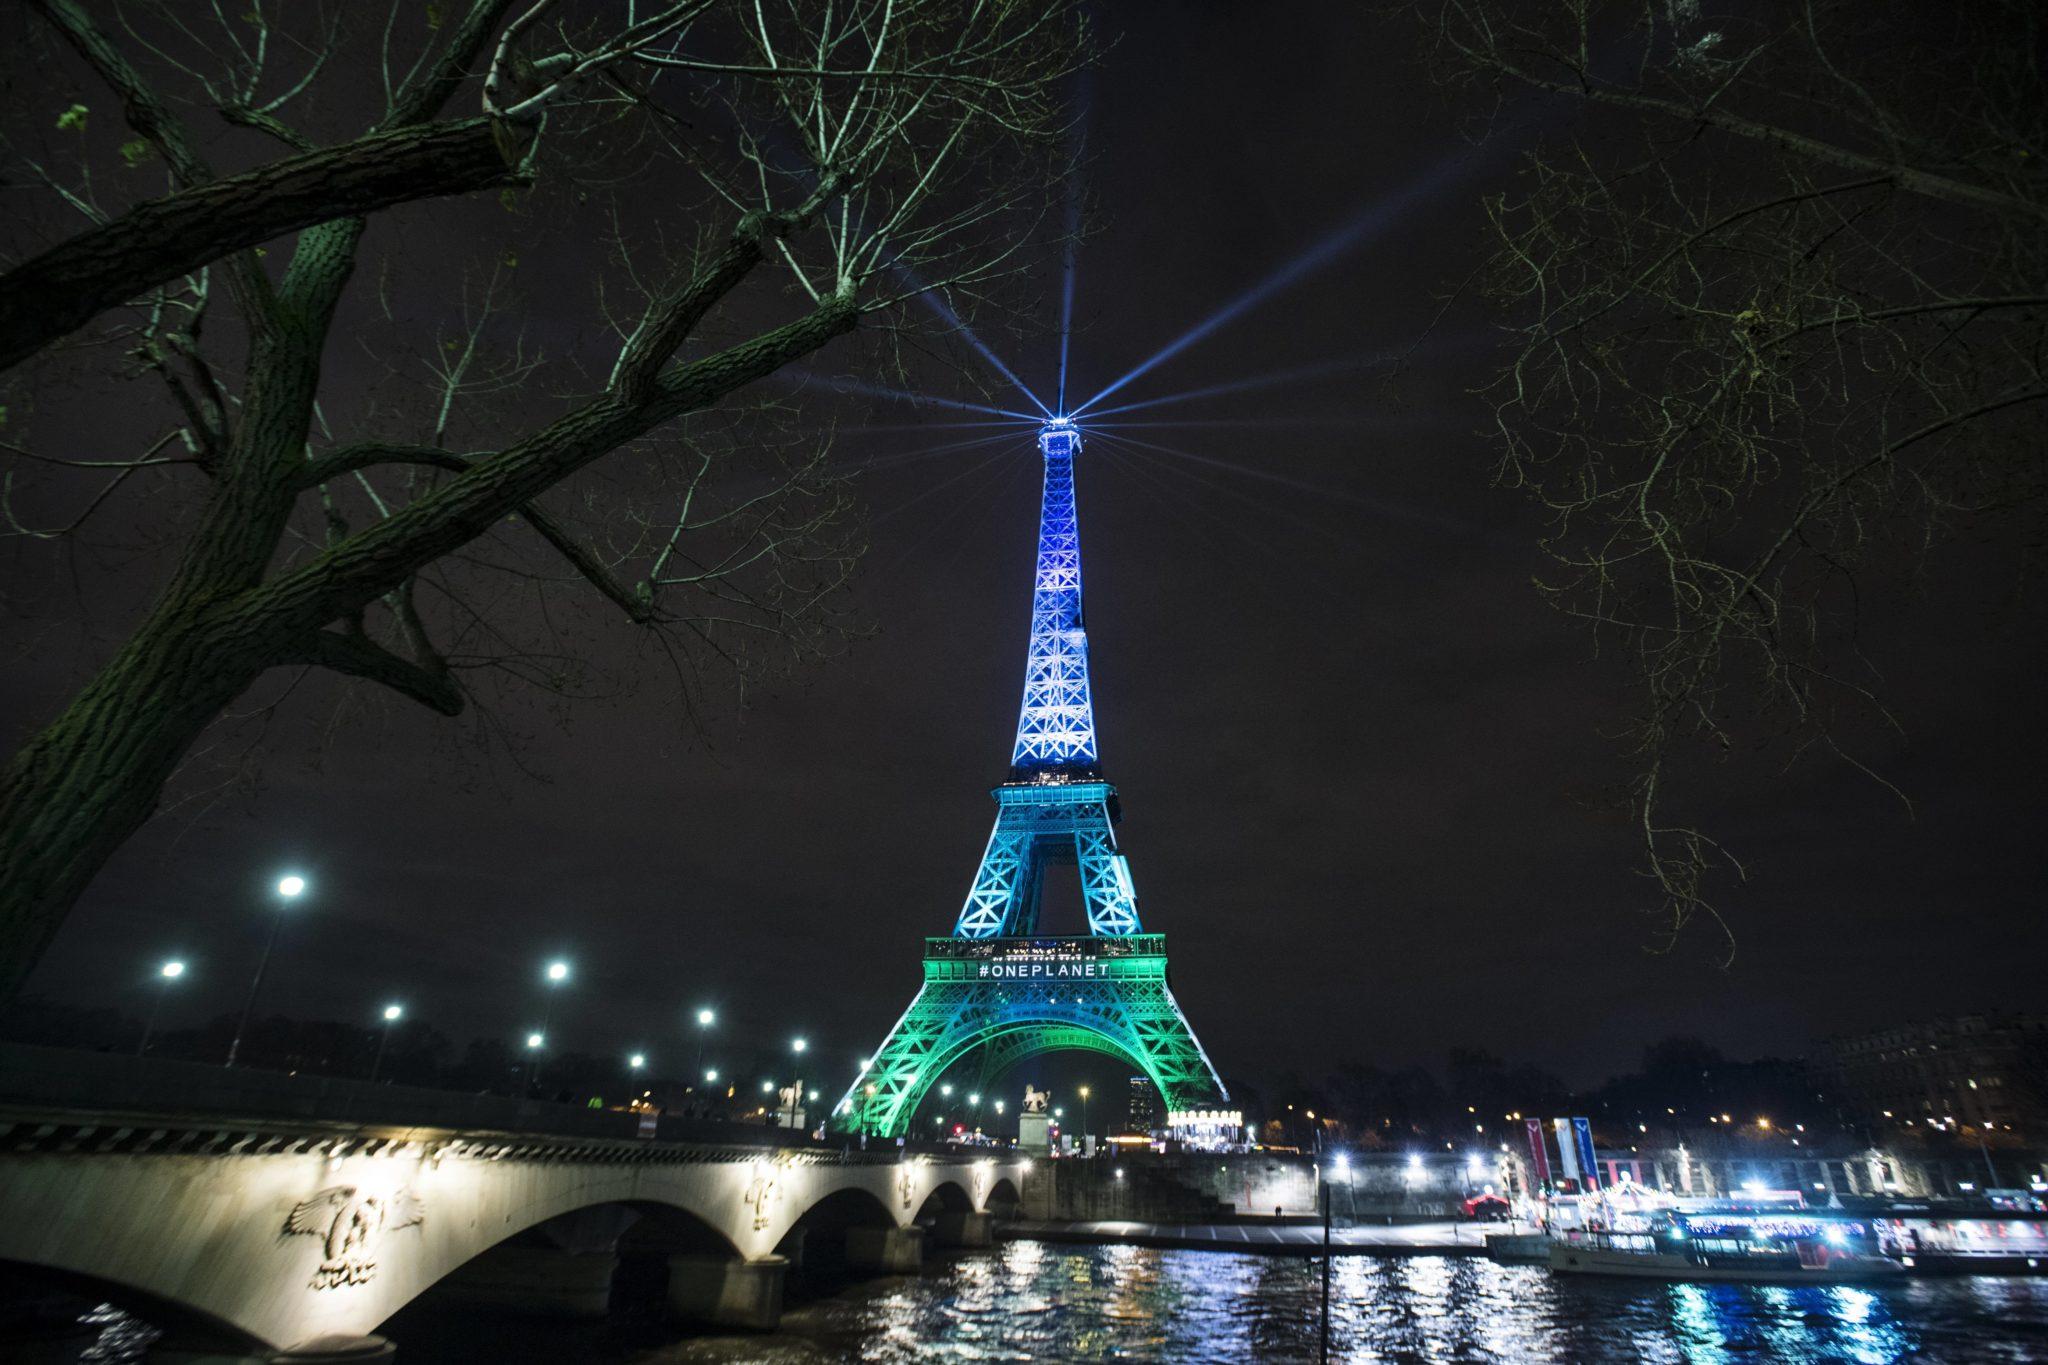 Francja: Wieża Eiffla jest oświetlona na zielono i niebiesko - kolorem szczytu One Planet w Paryżu, fot: Julien De Rosa, PAP/EPA